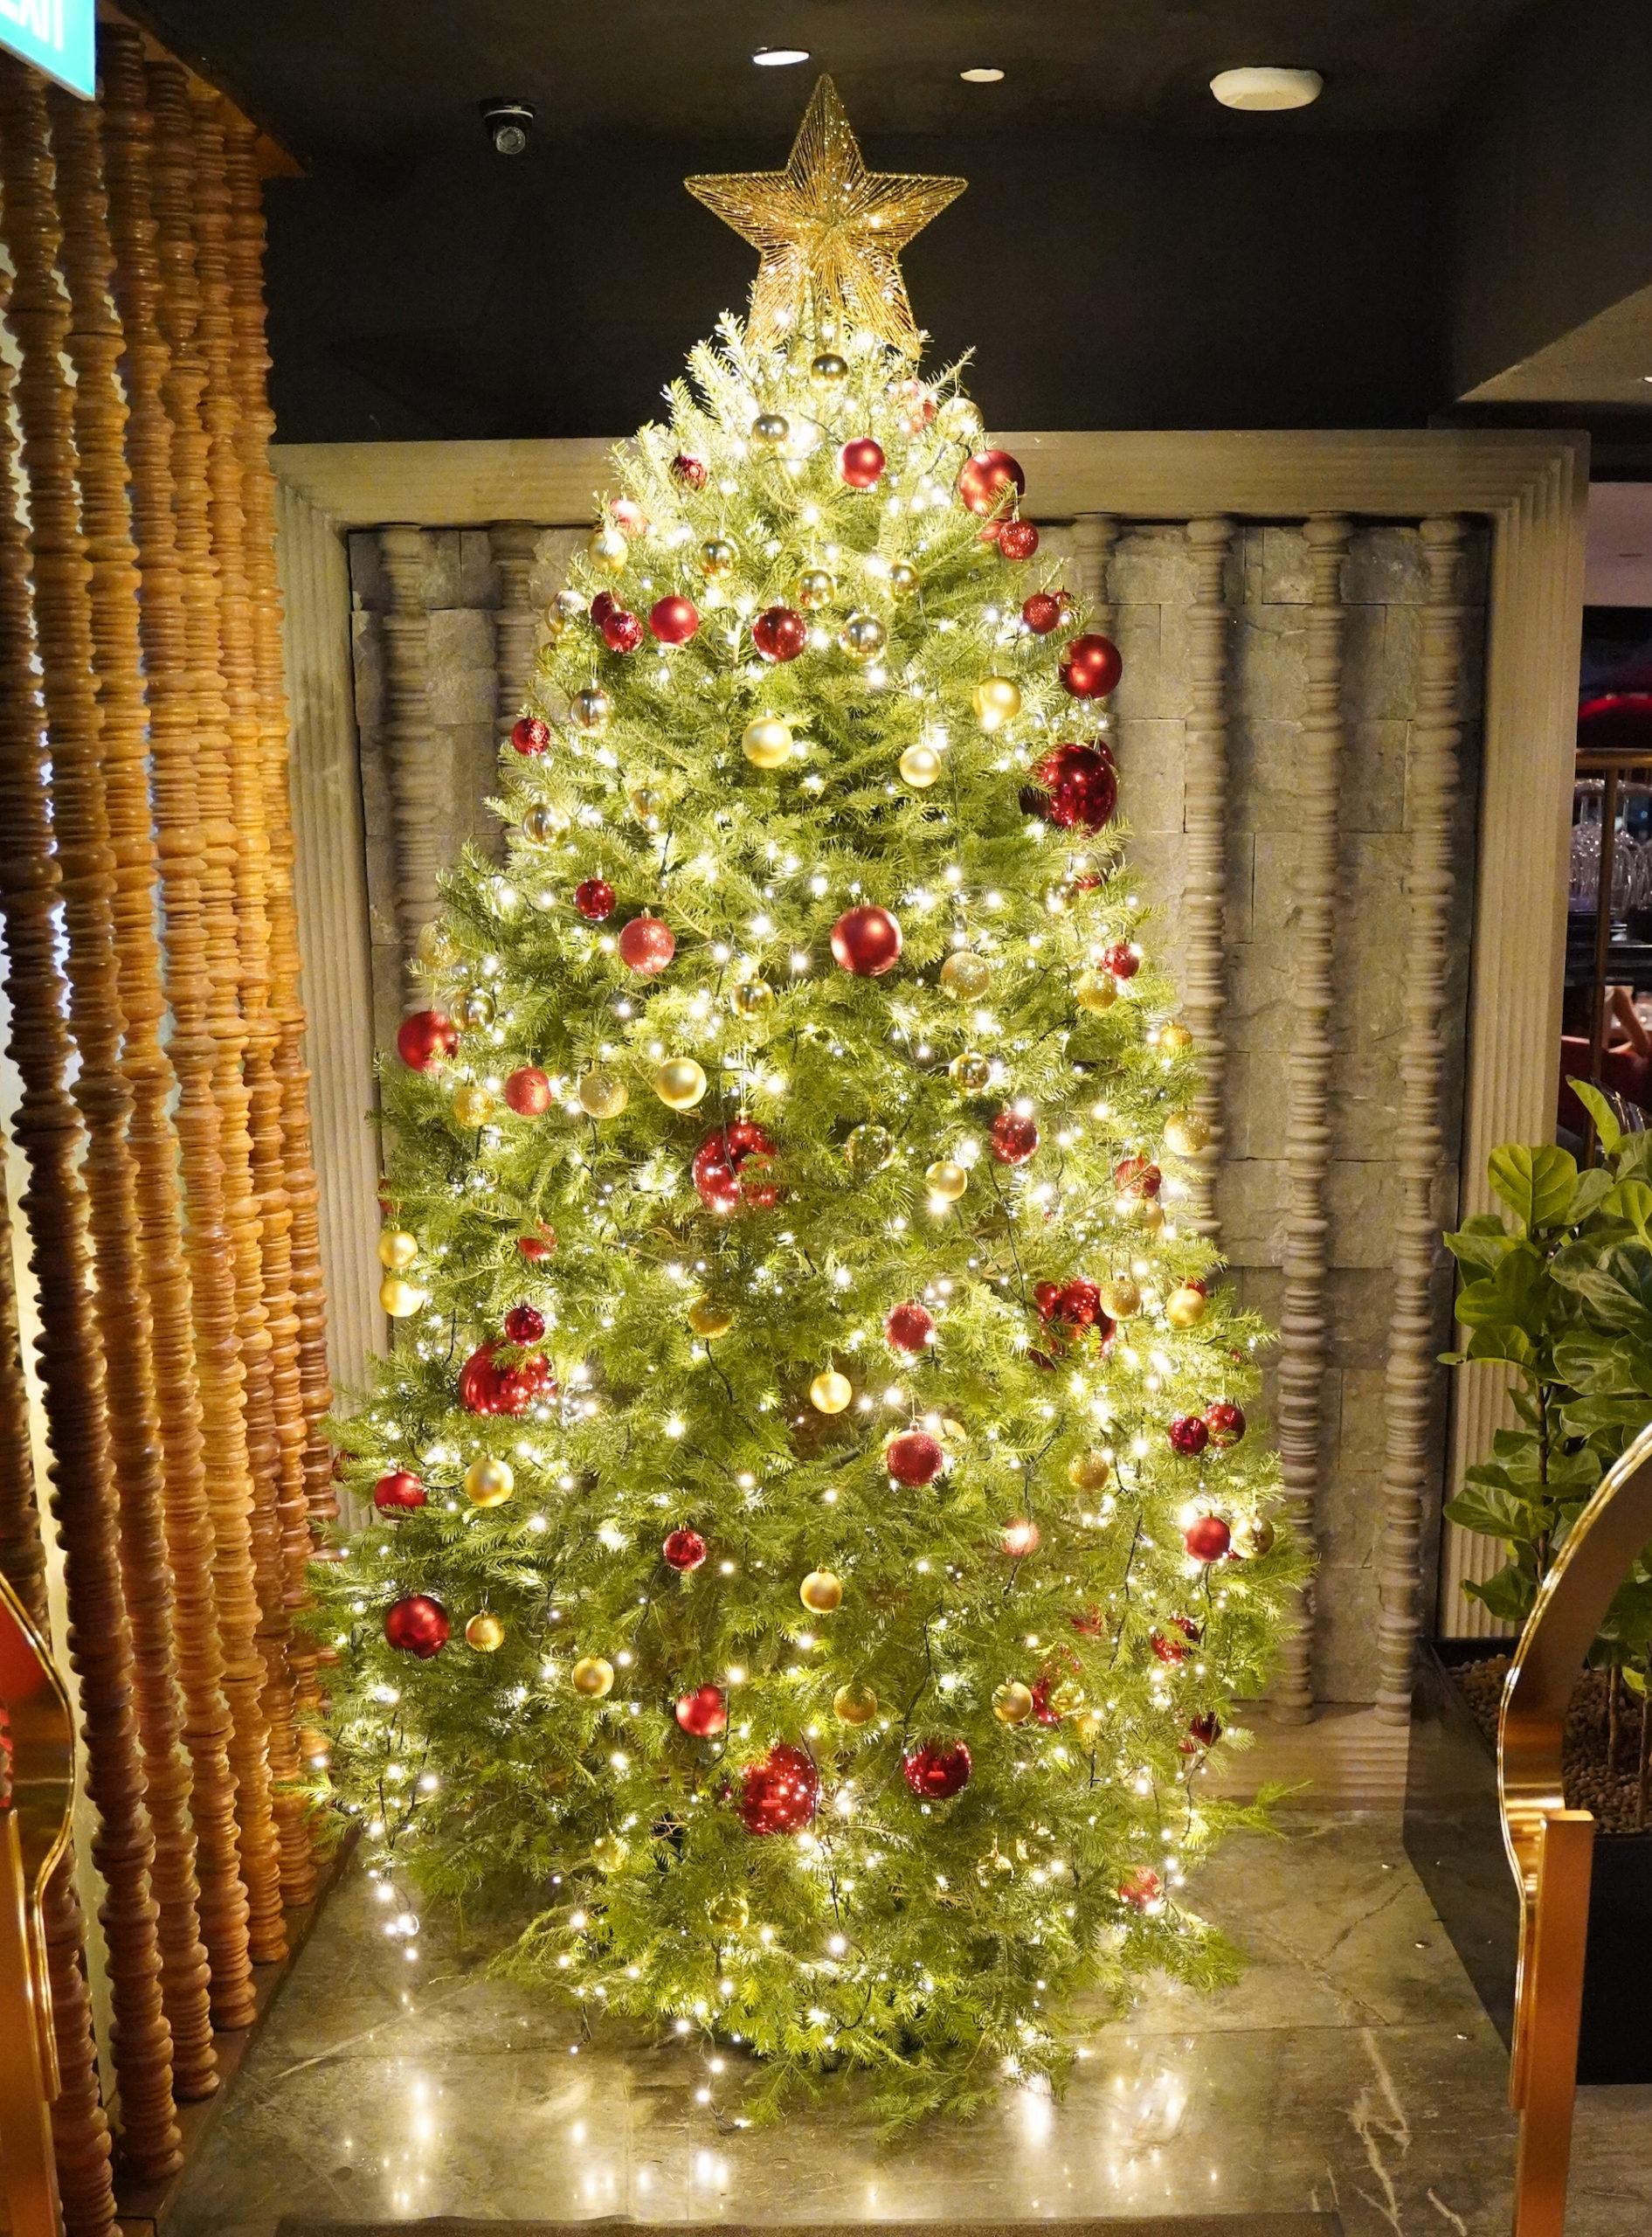 シンガポールのマリーナベイ・サンズの屋上にあるレストラン「セ・ラ・ヴィ」に飾られていたクリスマスツリー/2019年11月29日:撮影:SHUN ONLINE